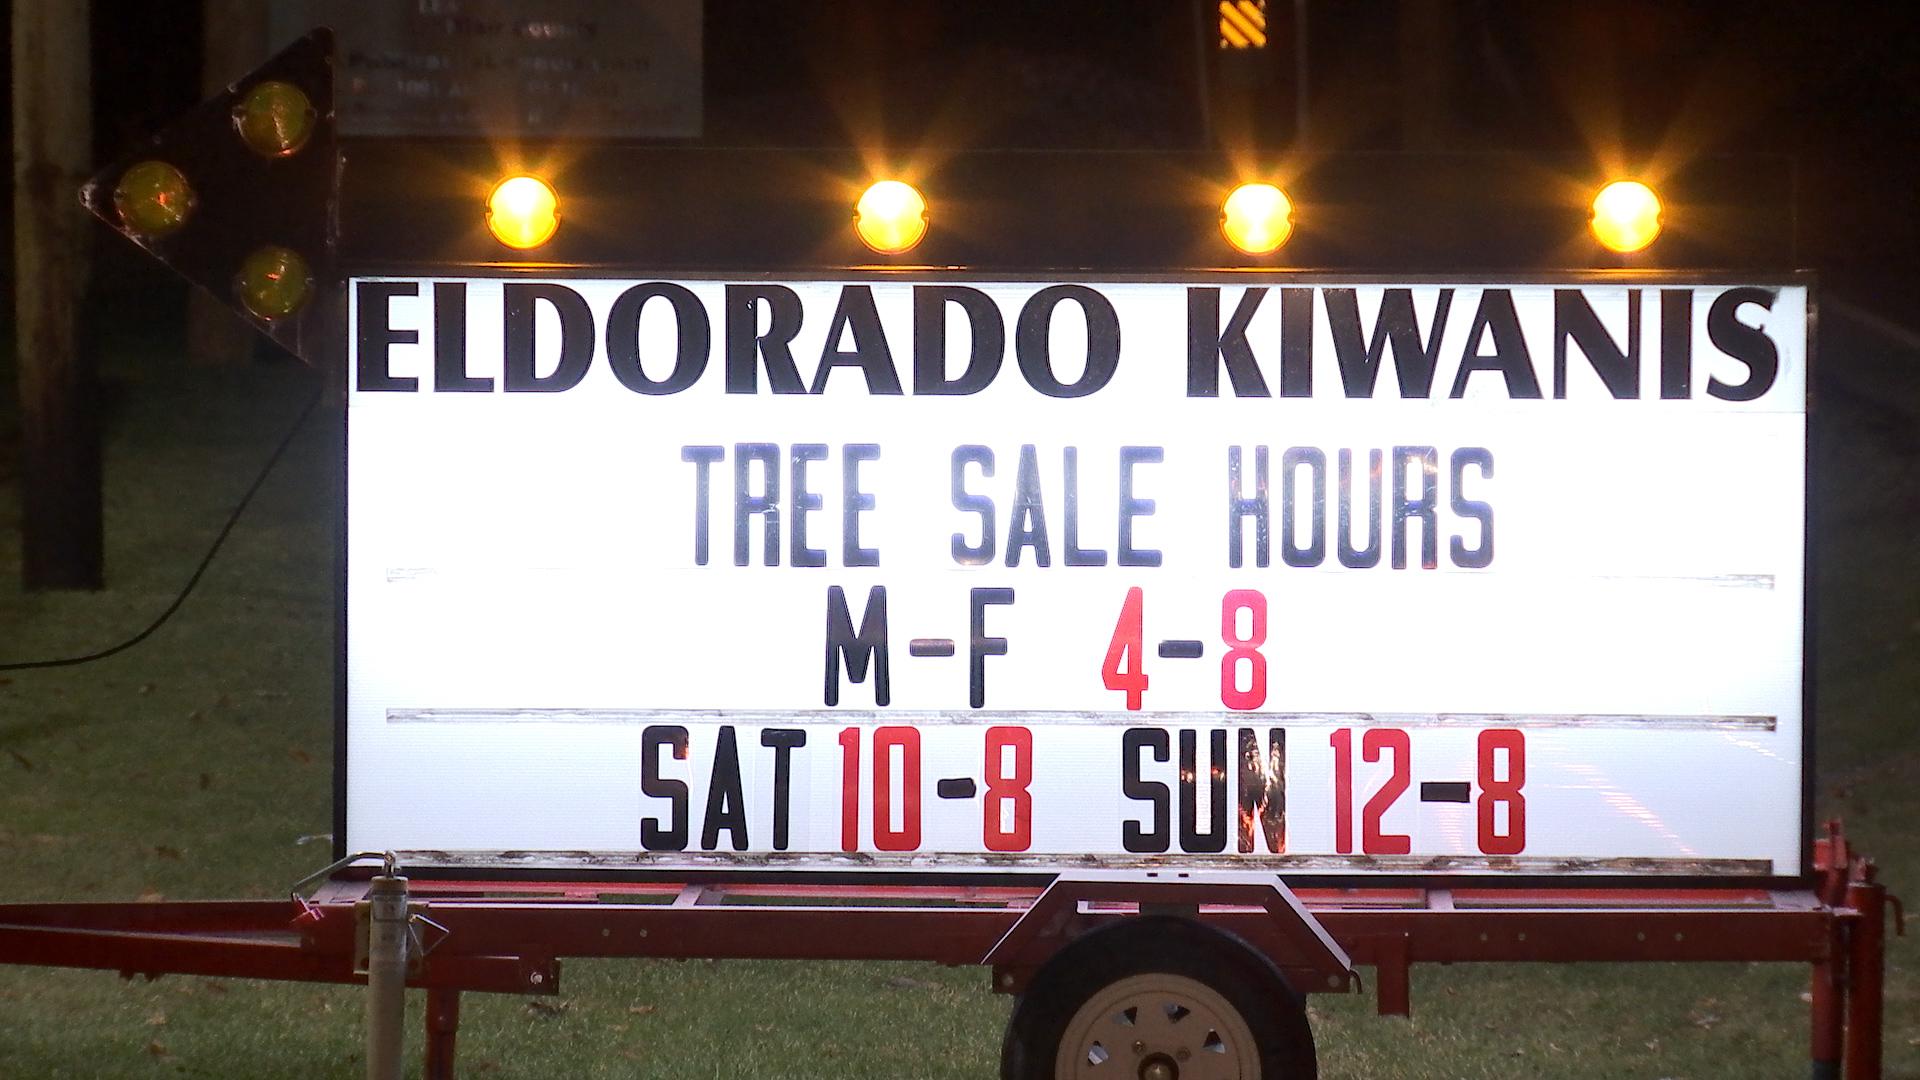 ElDorado Kiwanis Trees_1544609819126.jpg.jpg